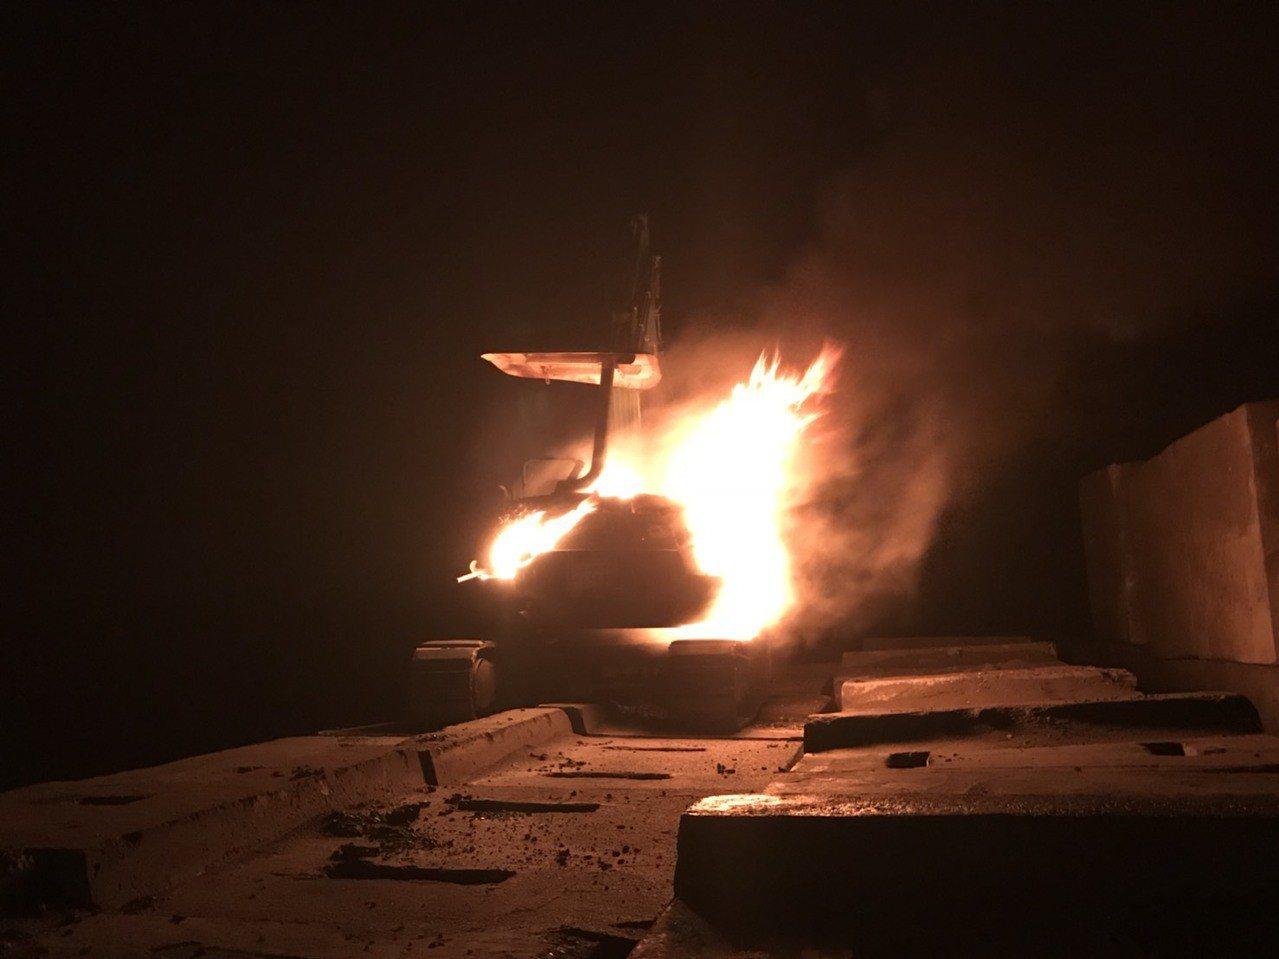 台中港環港北路有挖土機自燃,消防隊撲滅火勢。圖/台中港務消防分隊提供